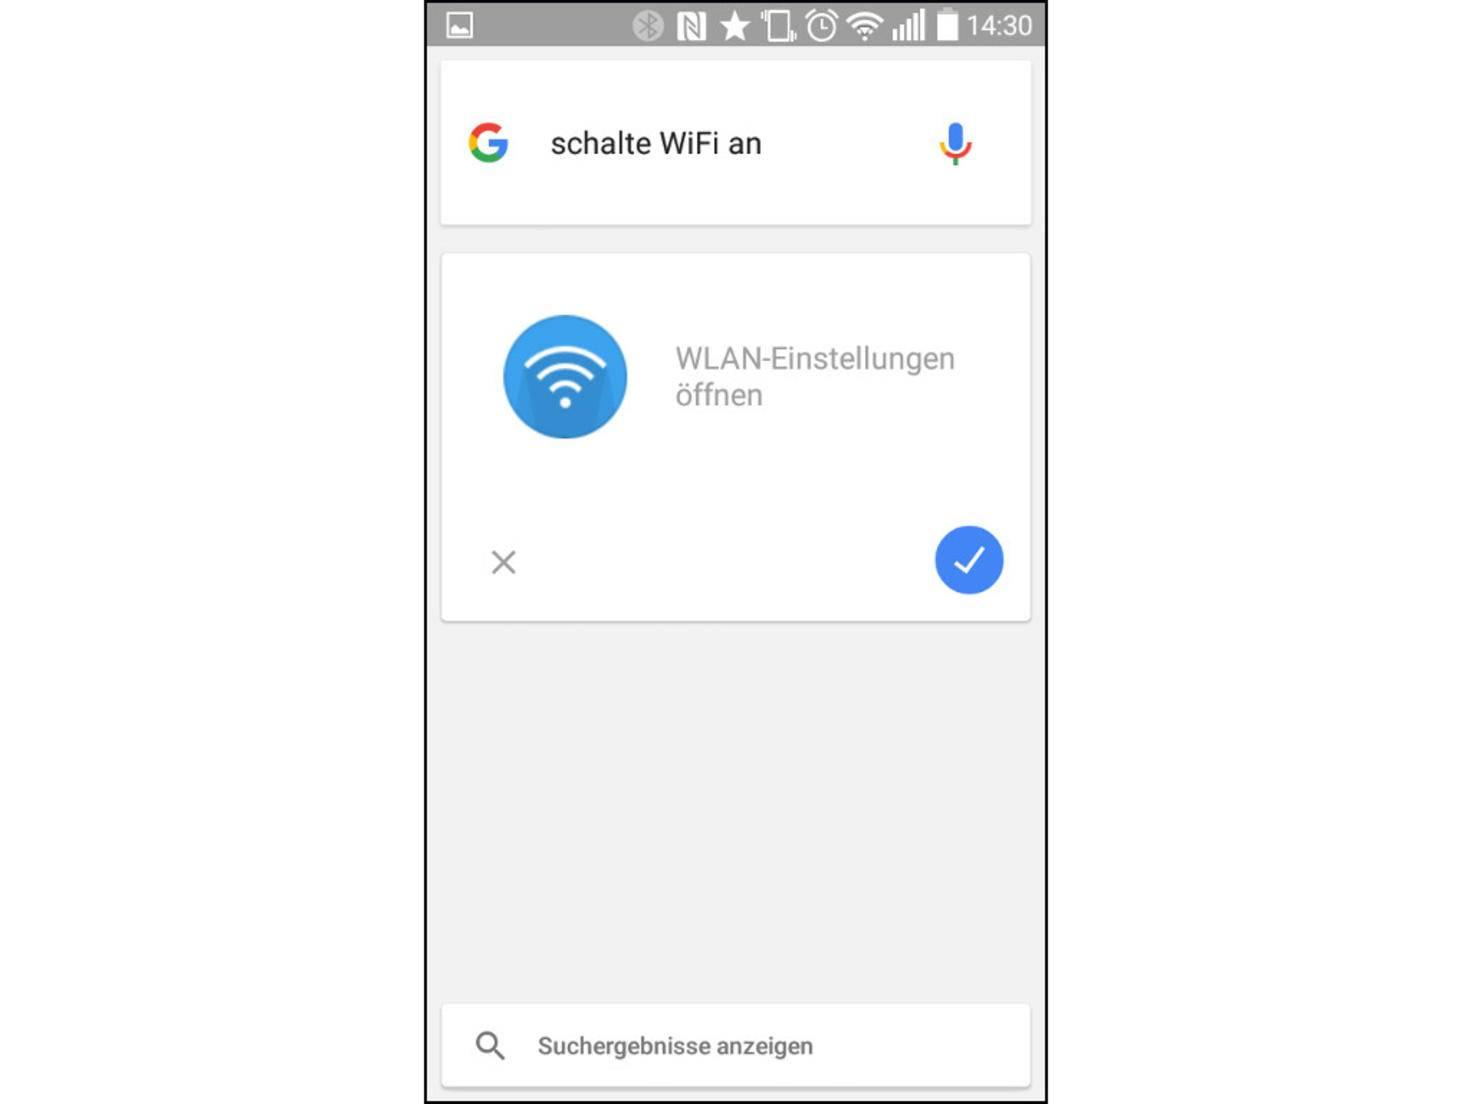 Die WiFi-Einstellungen lassen sich per Sprachbefehl öffnen.